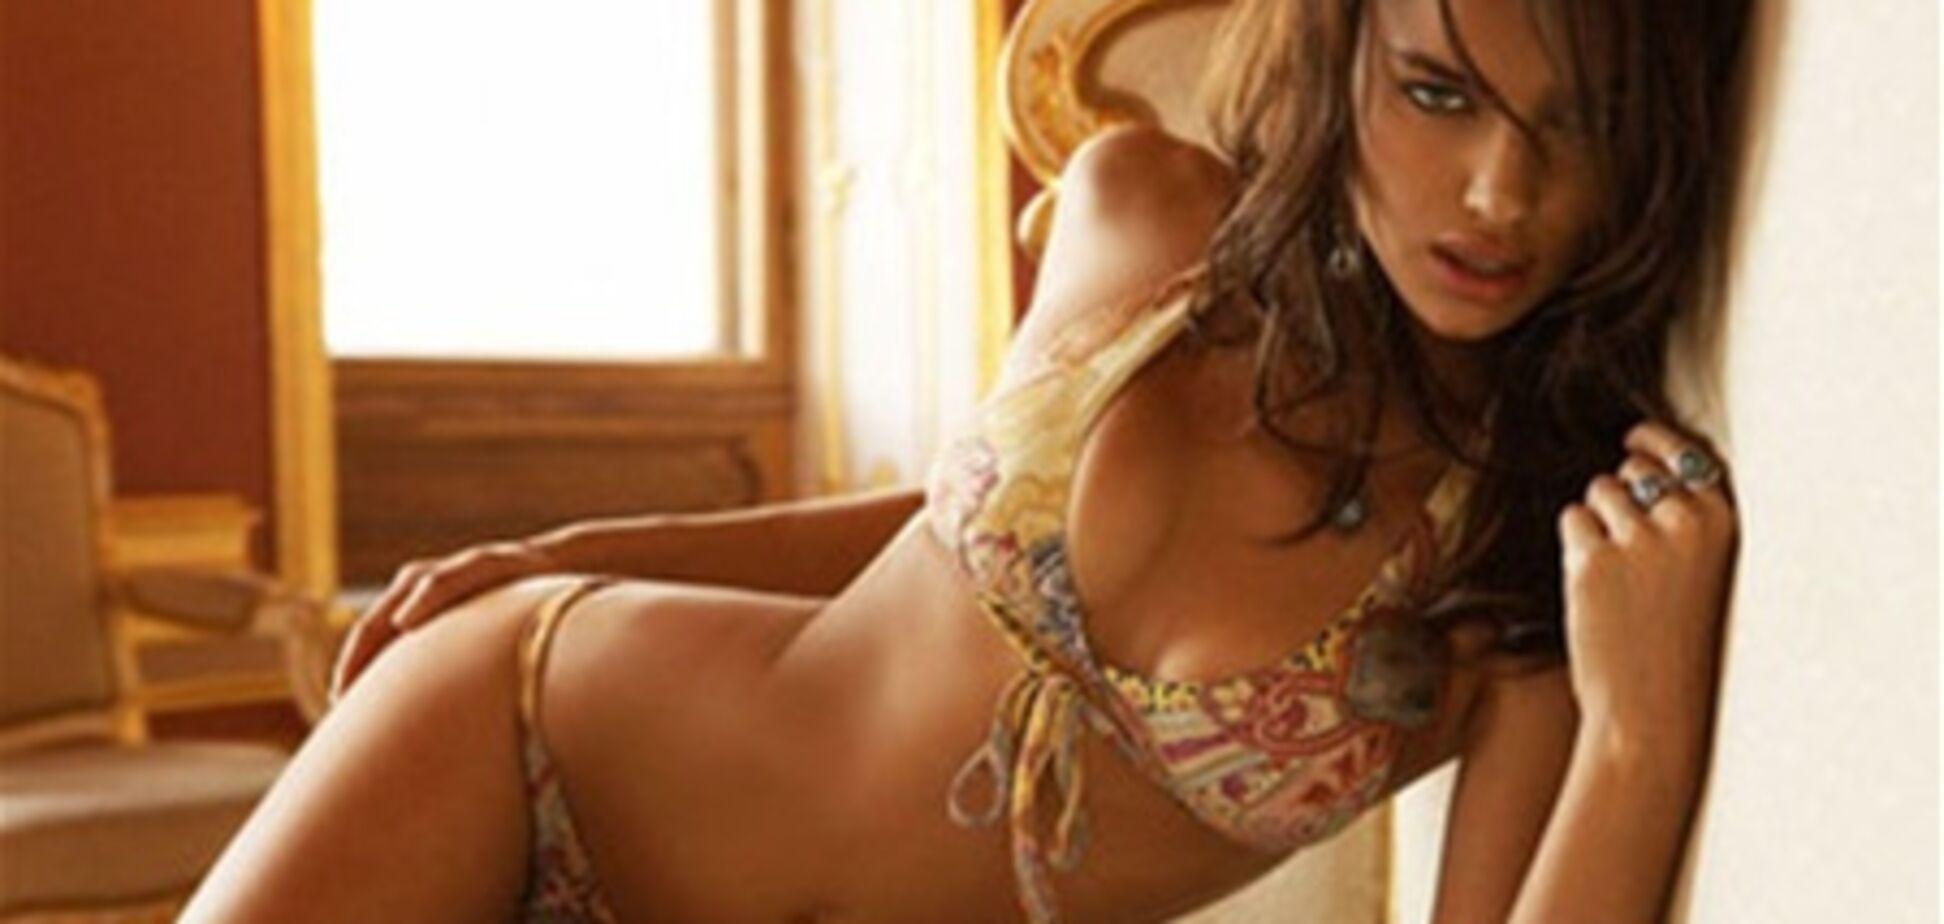 Подруга Криштиану Роналду снялась в очередной откровенной фотосессии